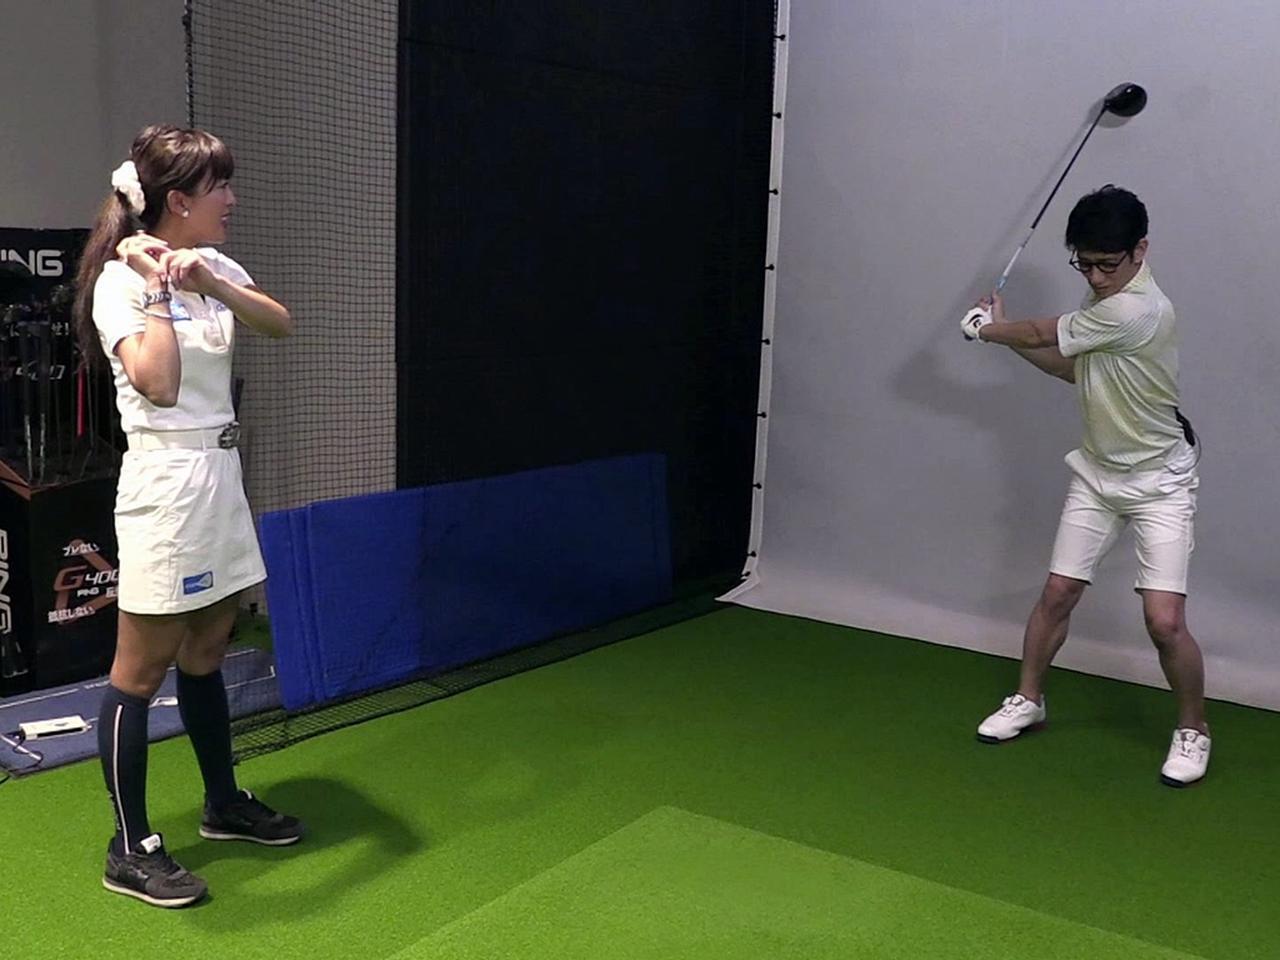 画像: アドレス時の5:5の体重配分のままでクラブを上げてみましょう、と小澤がアドバイス